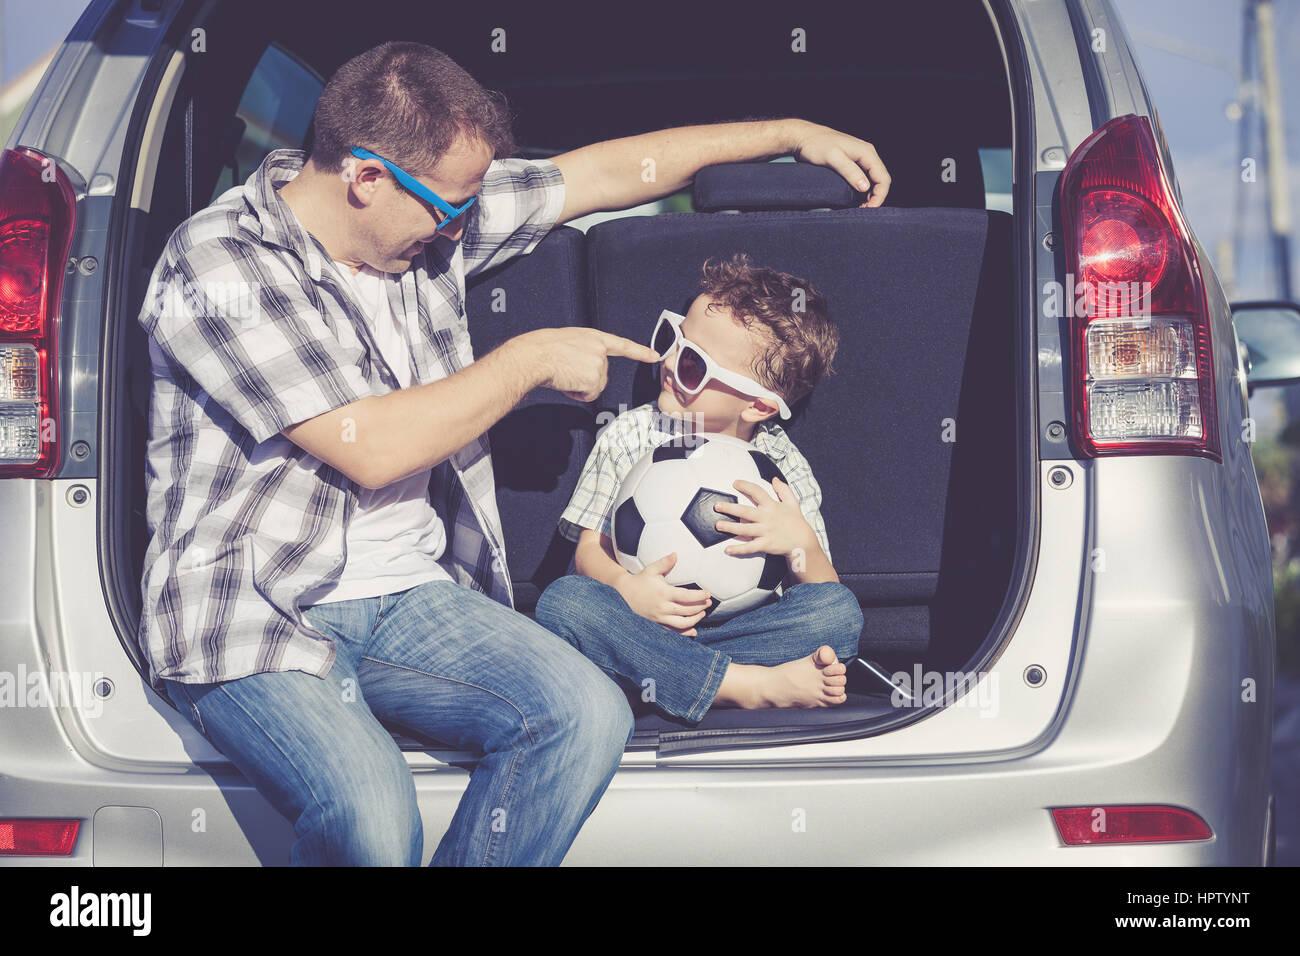 Glücklicher Vater und Sohn immer bereit für Roadtrip an einem sonnigen Tag.  Konzept der freundlichen Stockbild